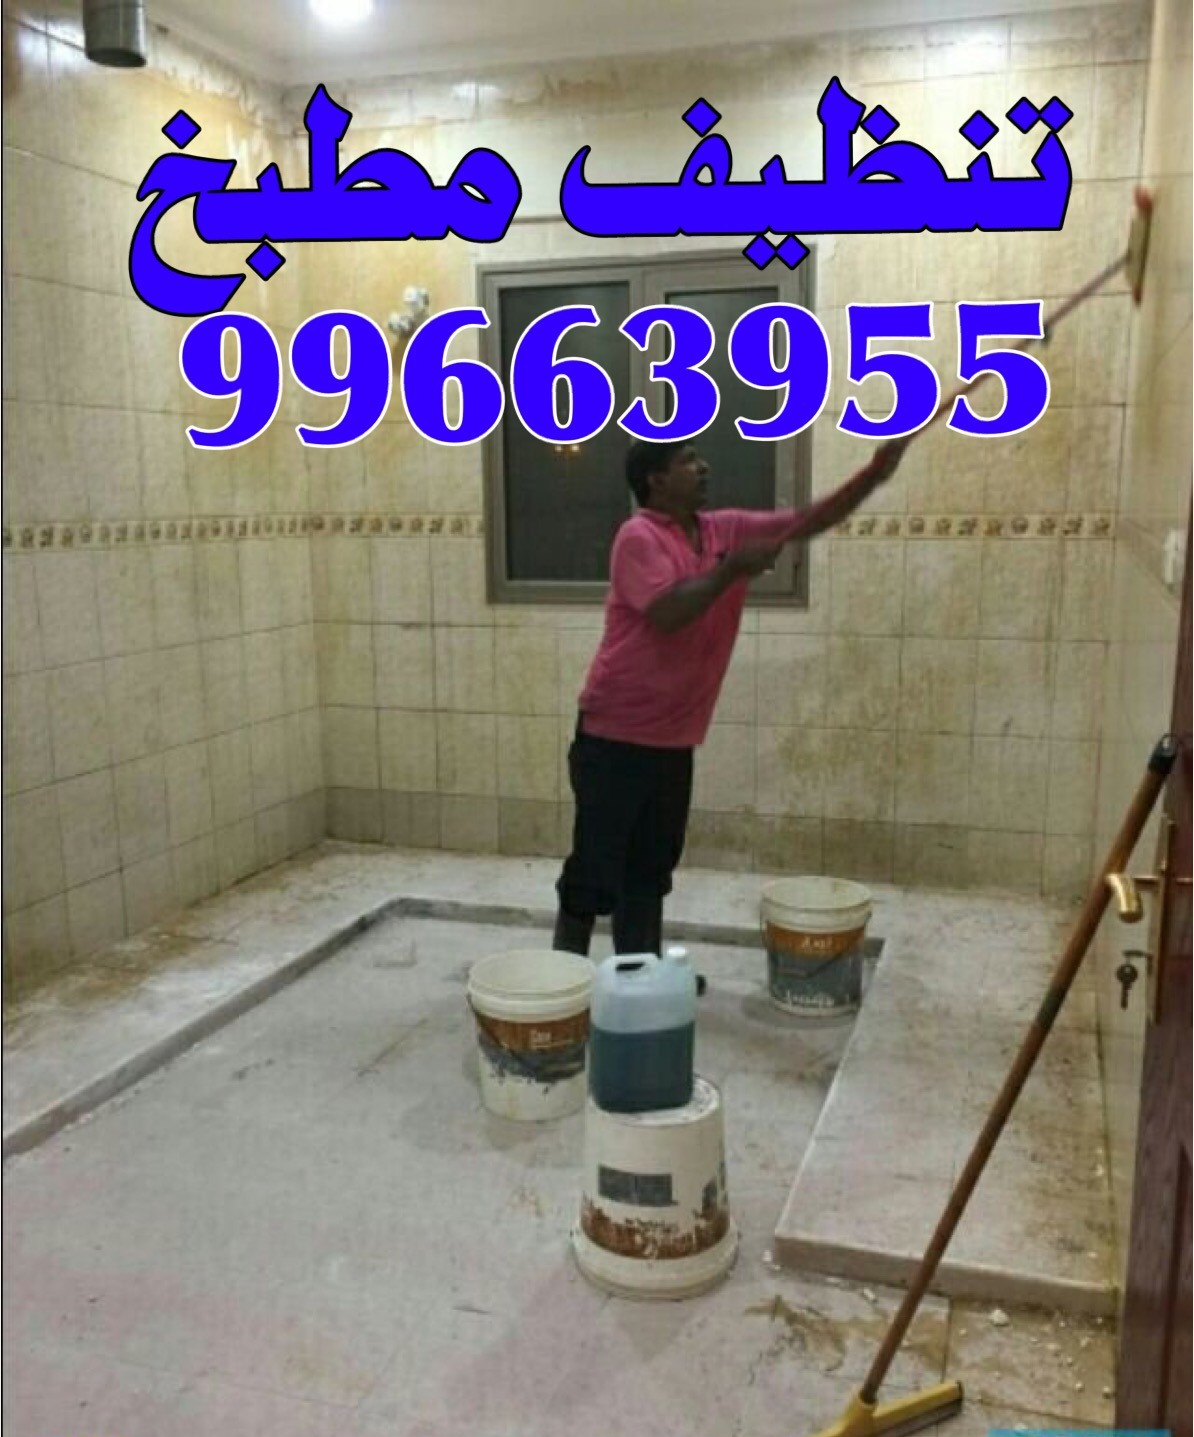 شركة تنظيف منازل بالكويت 99663955